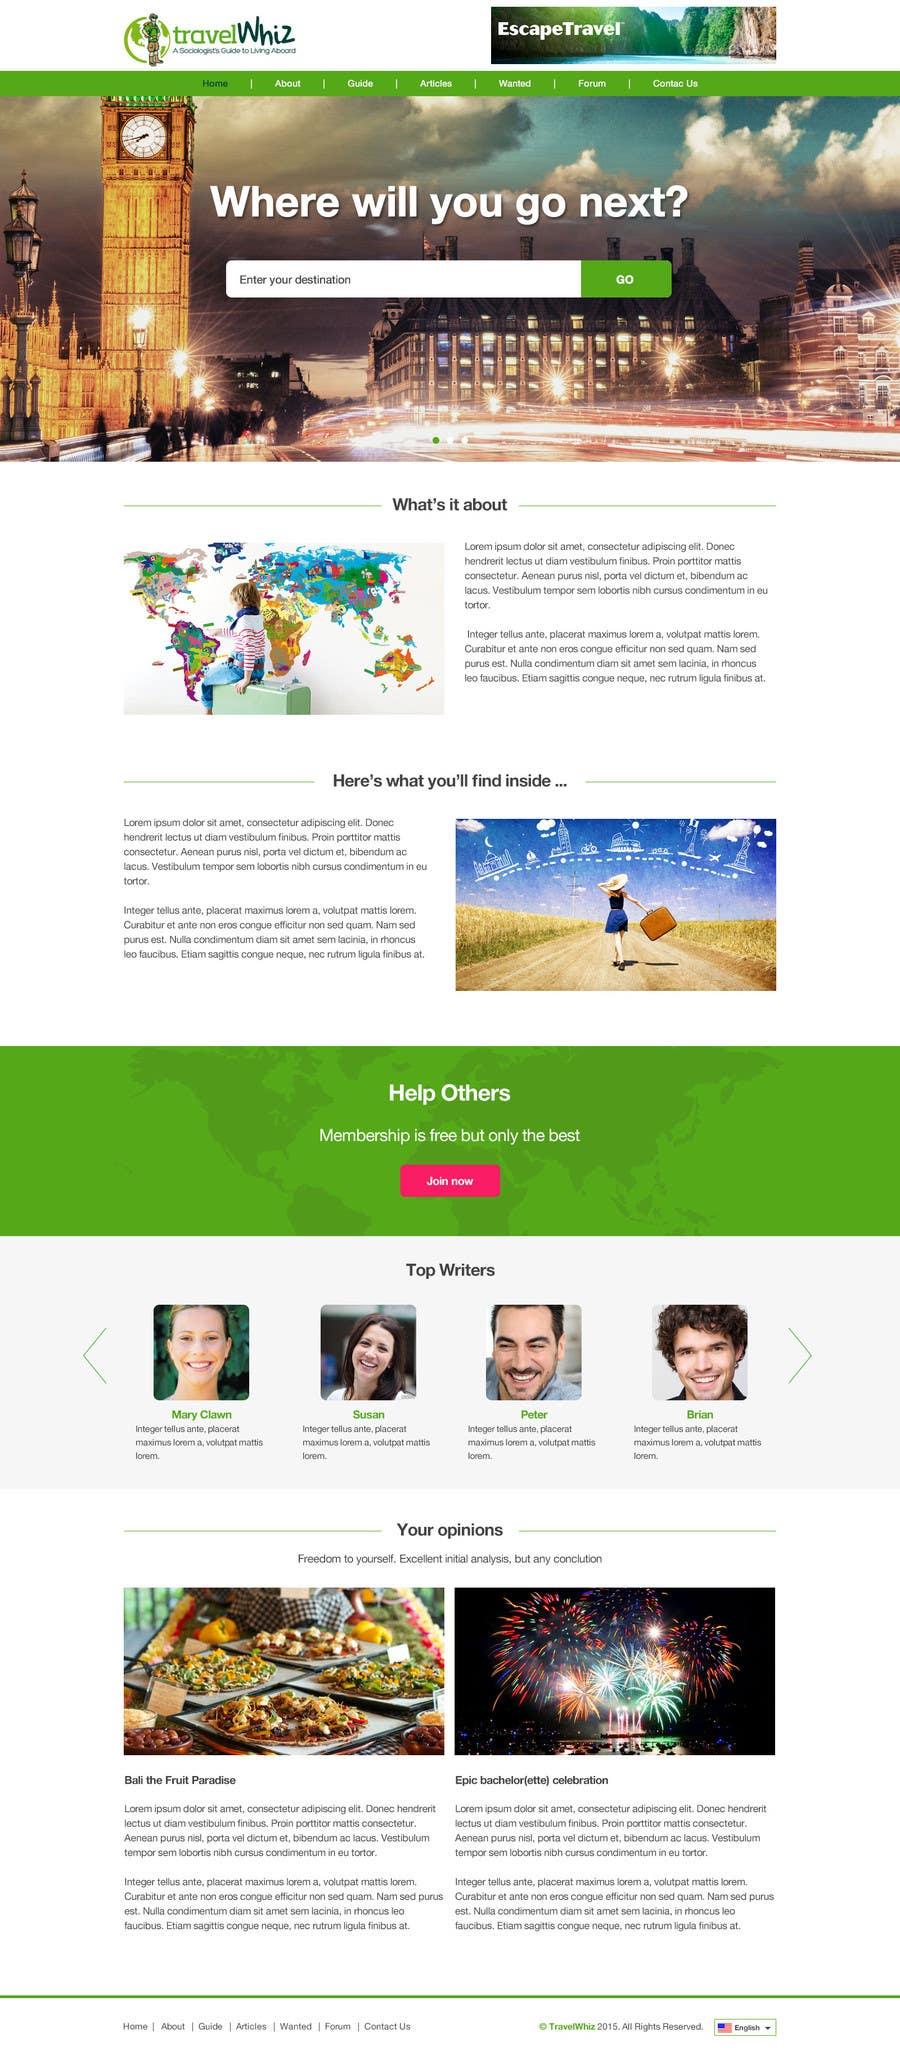 Konkurrenceindlæg #                                        12                                      for                                         Design a Website Mockup for TW